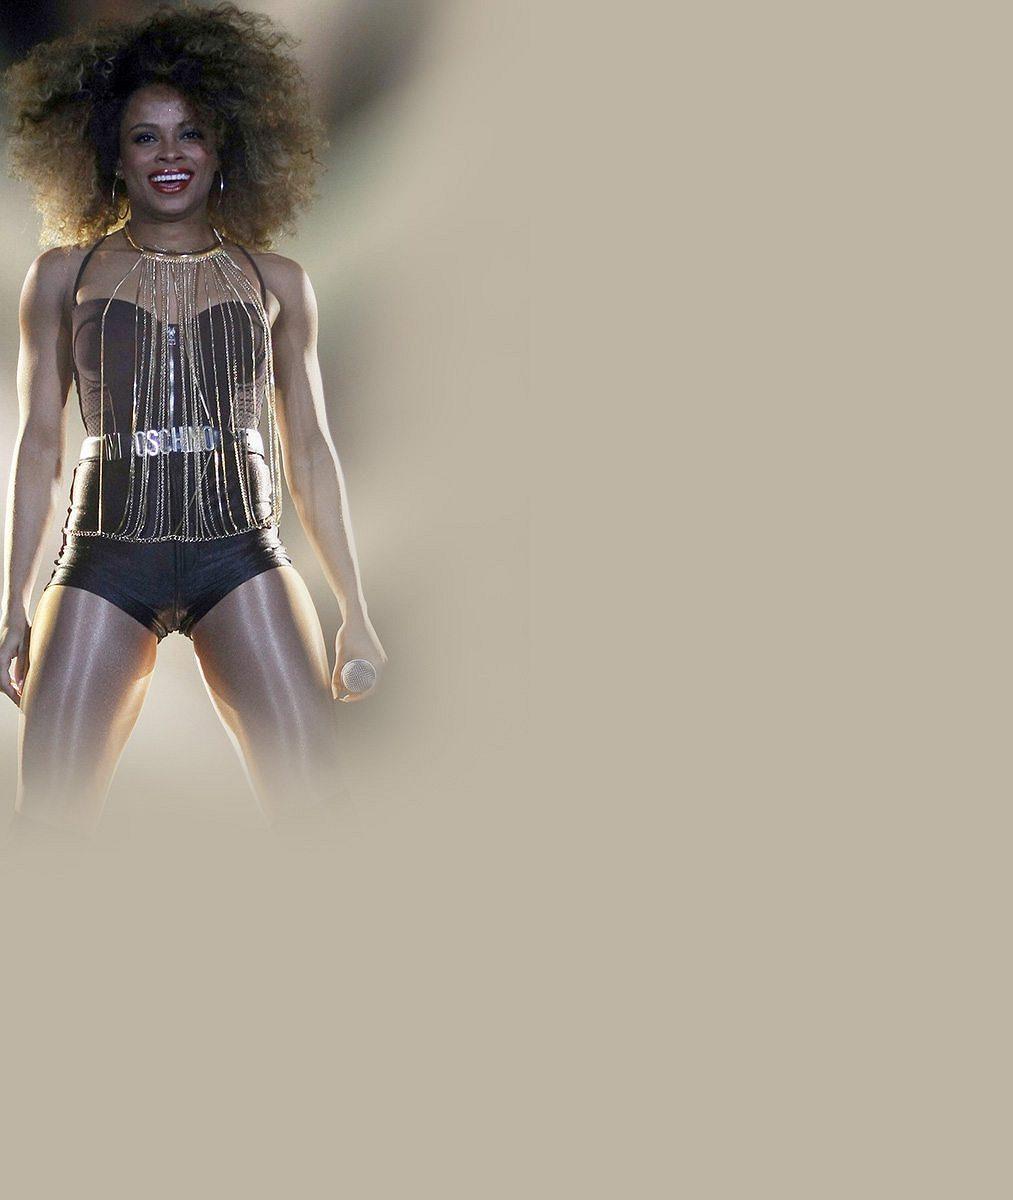 Zrodila se nová Tina Turner? Tahle Britka zbořila pěveckou soutěž a vrátila afro do módy